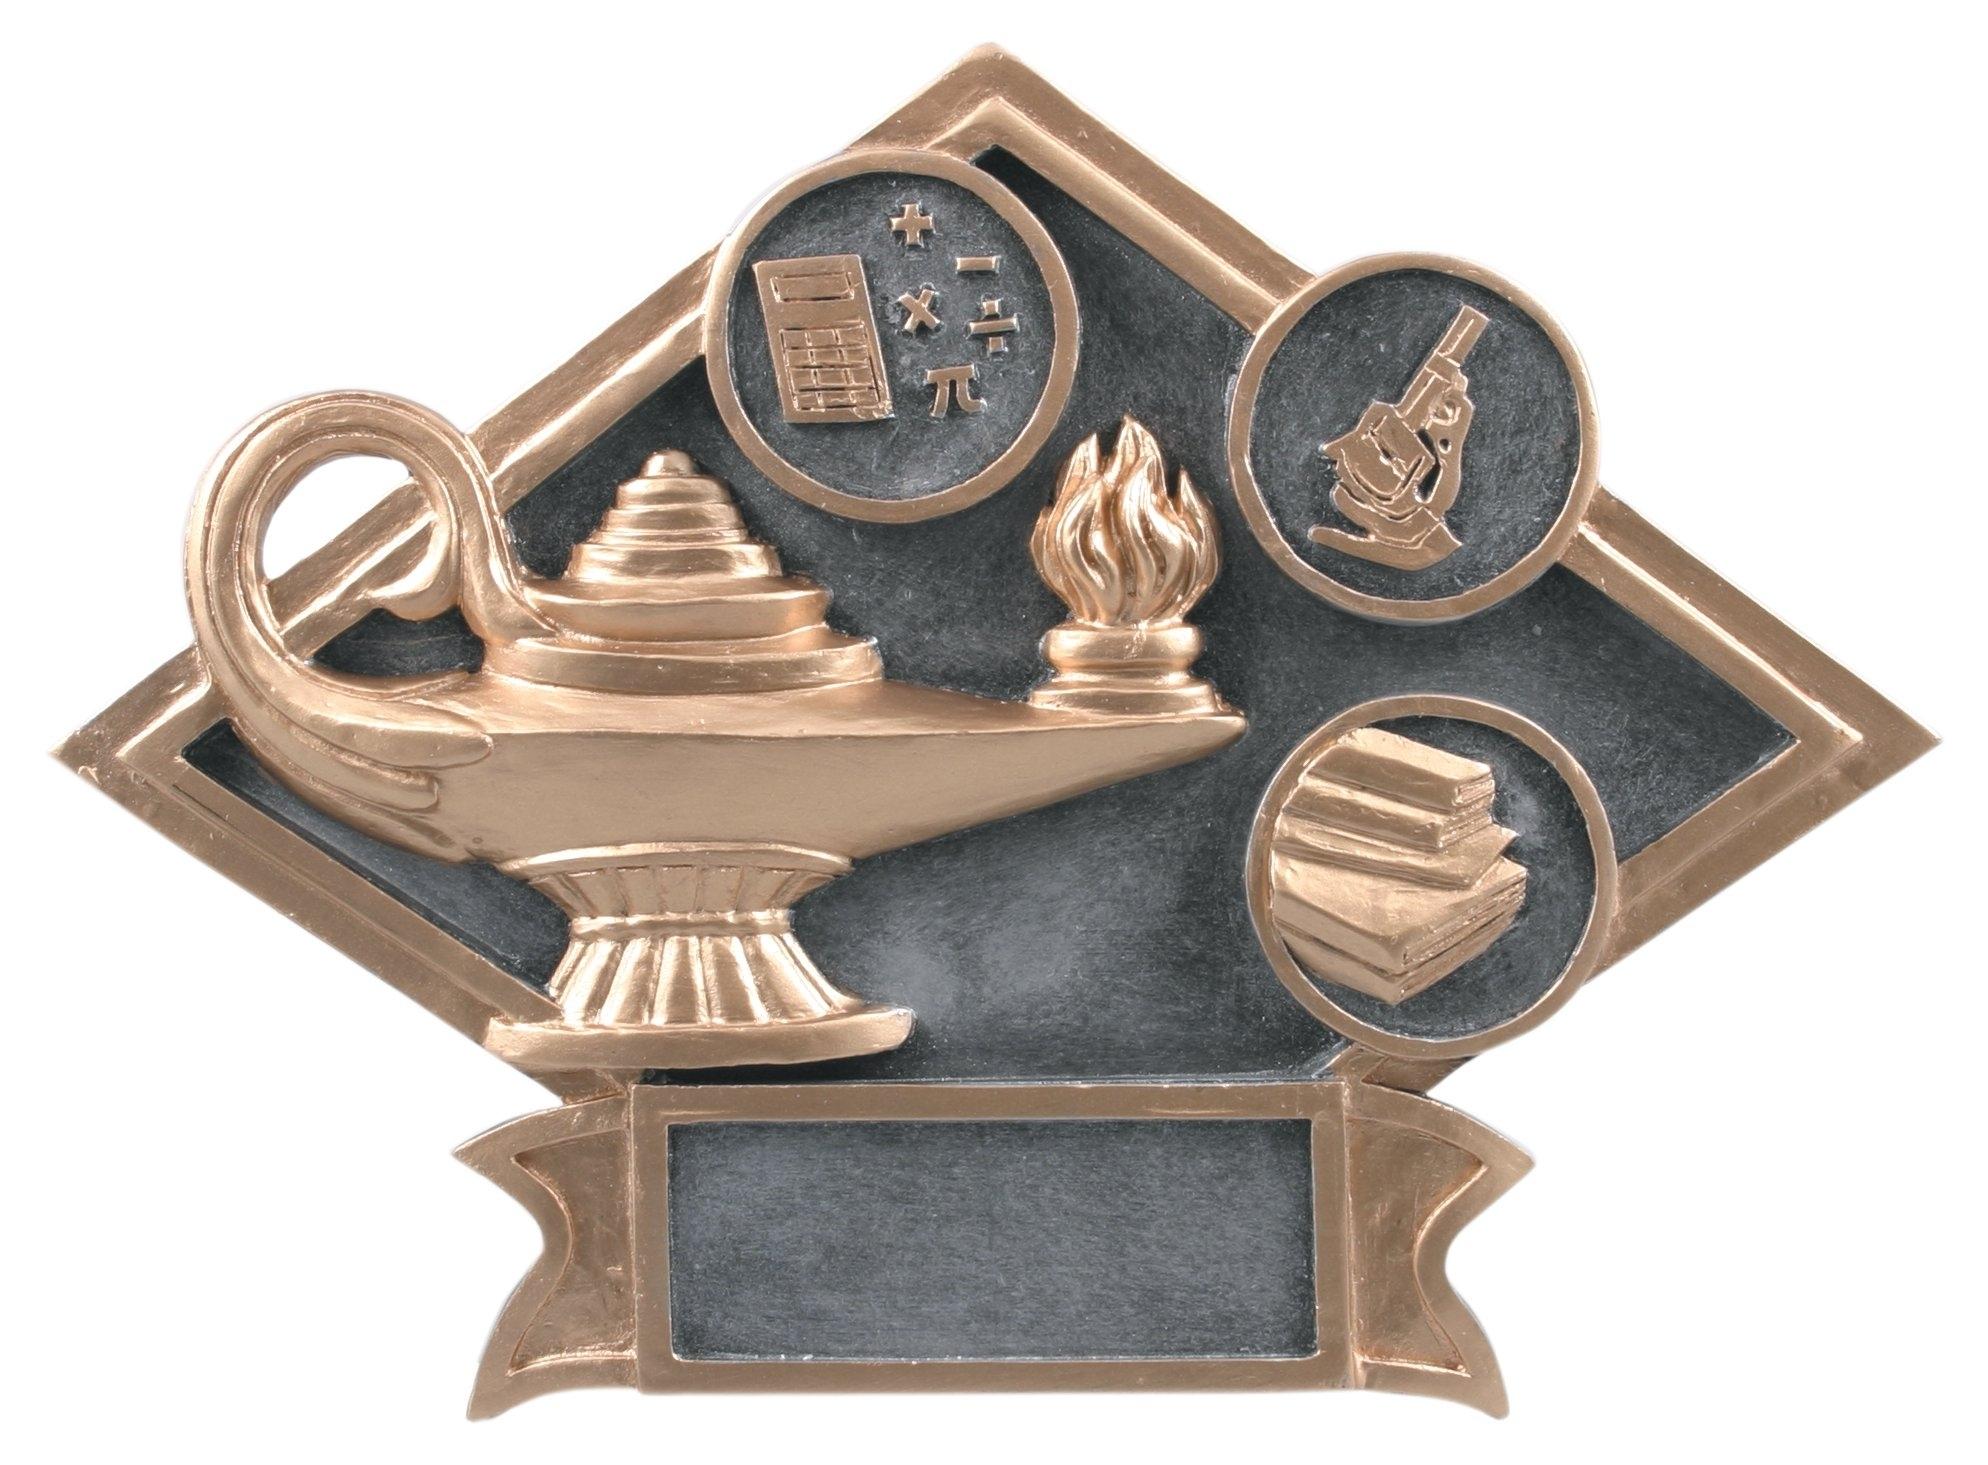 Sport Award - Academic Awards - Academic Awards Resins